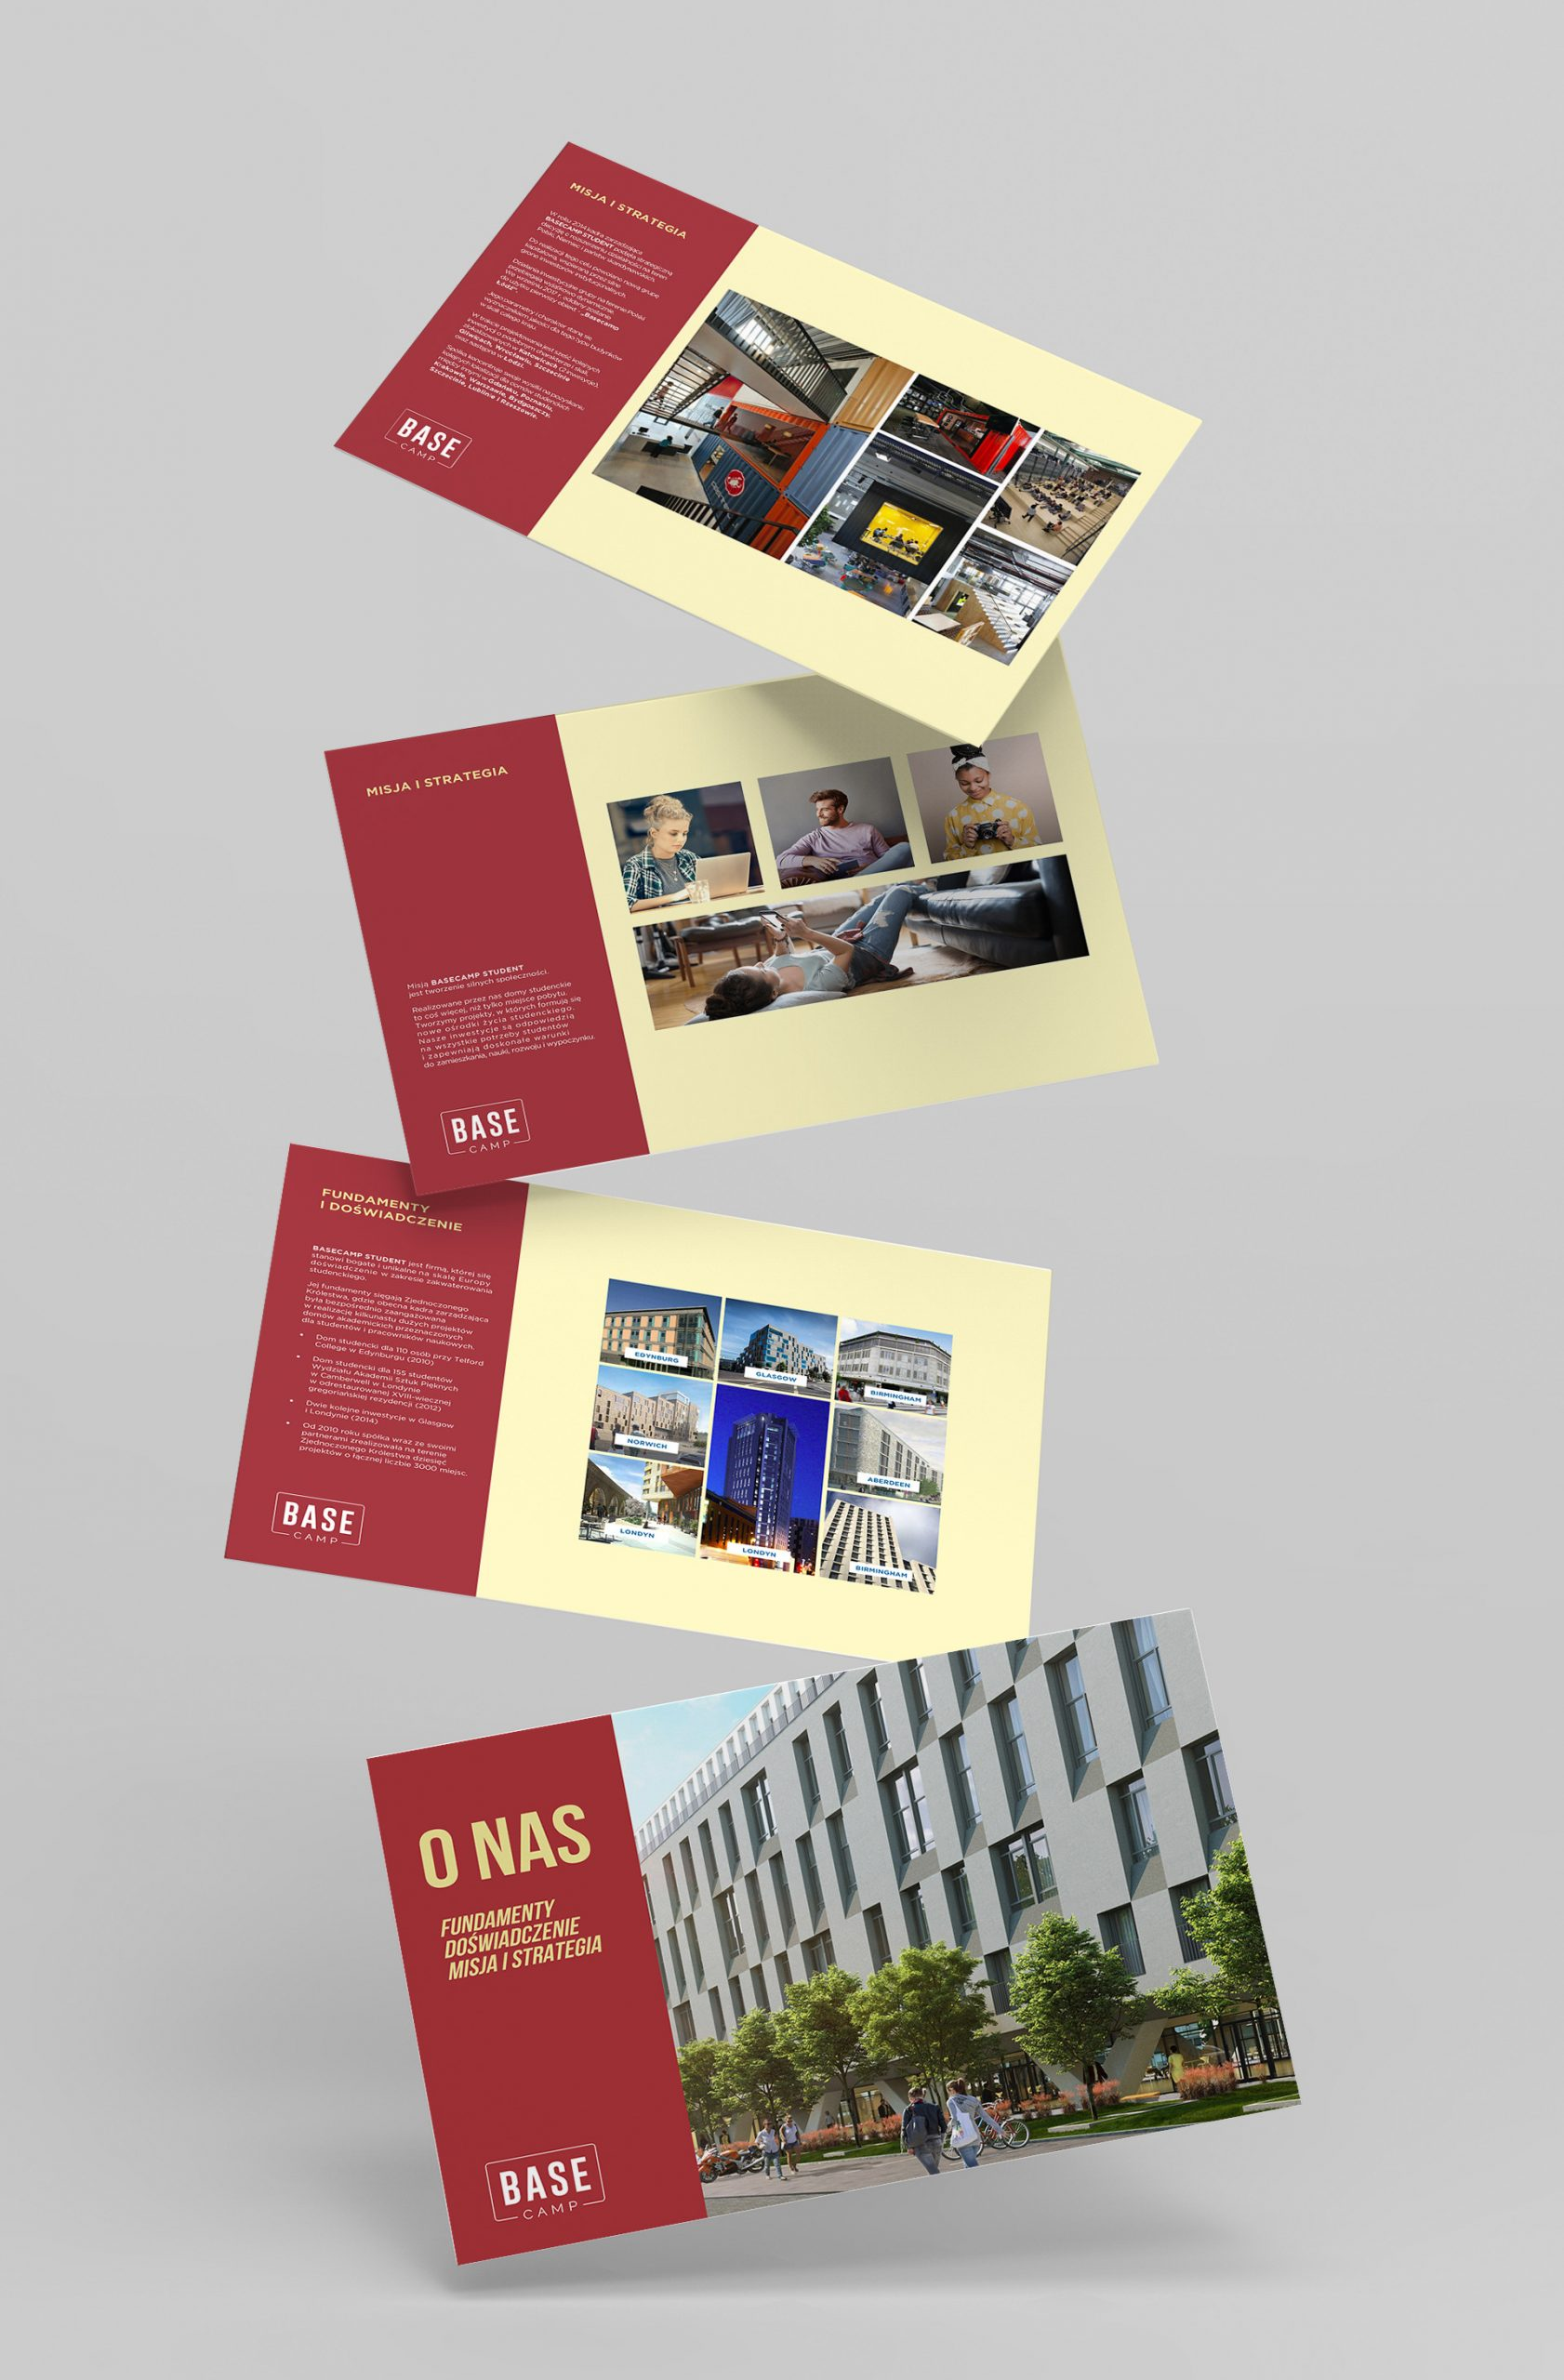 Basecamp Student prezentacja